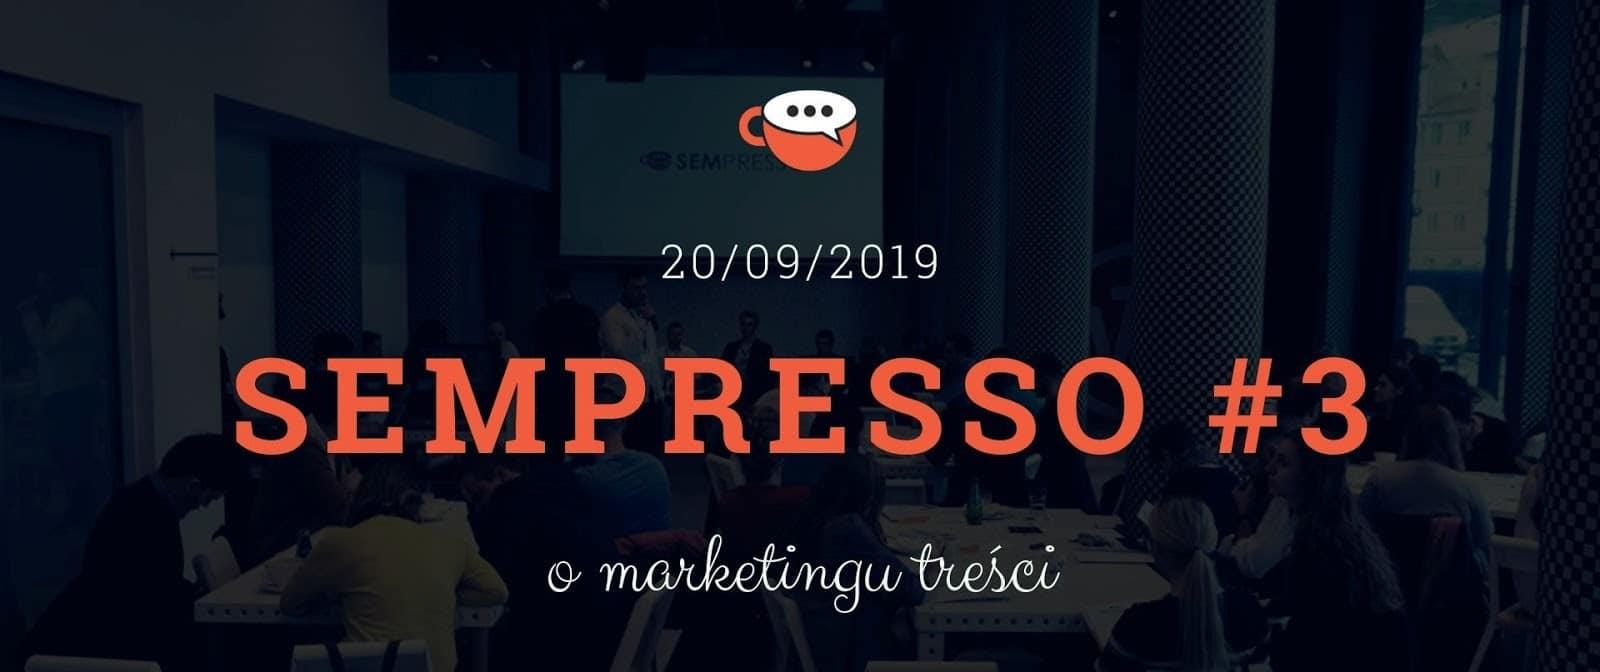 SEMpresso